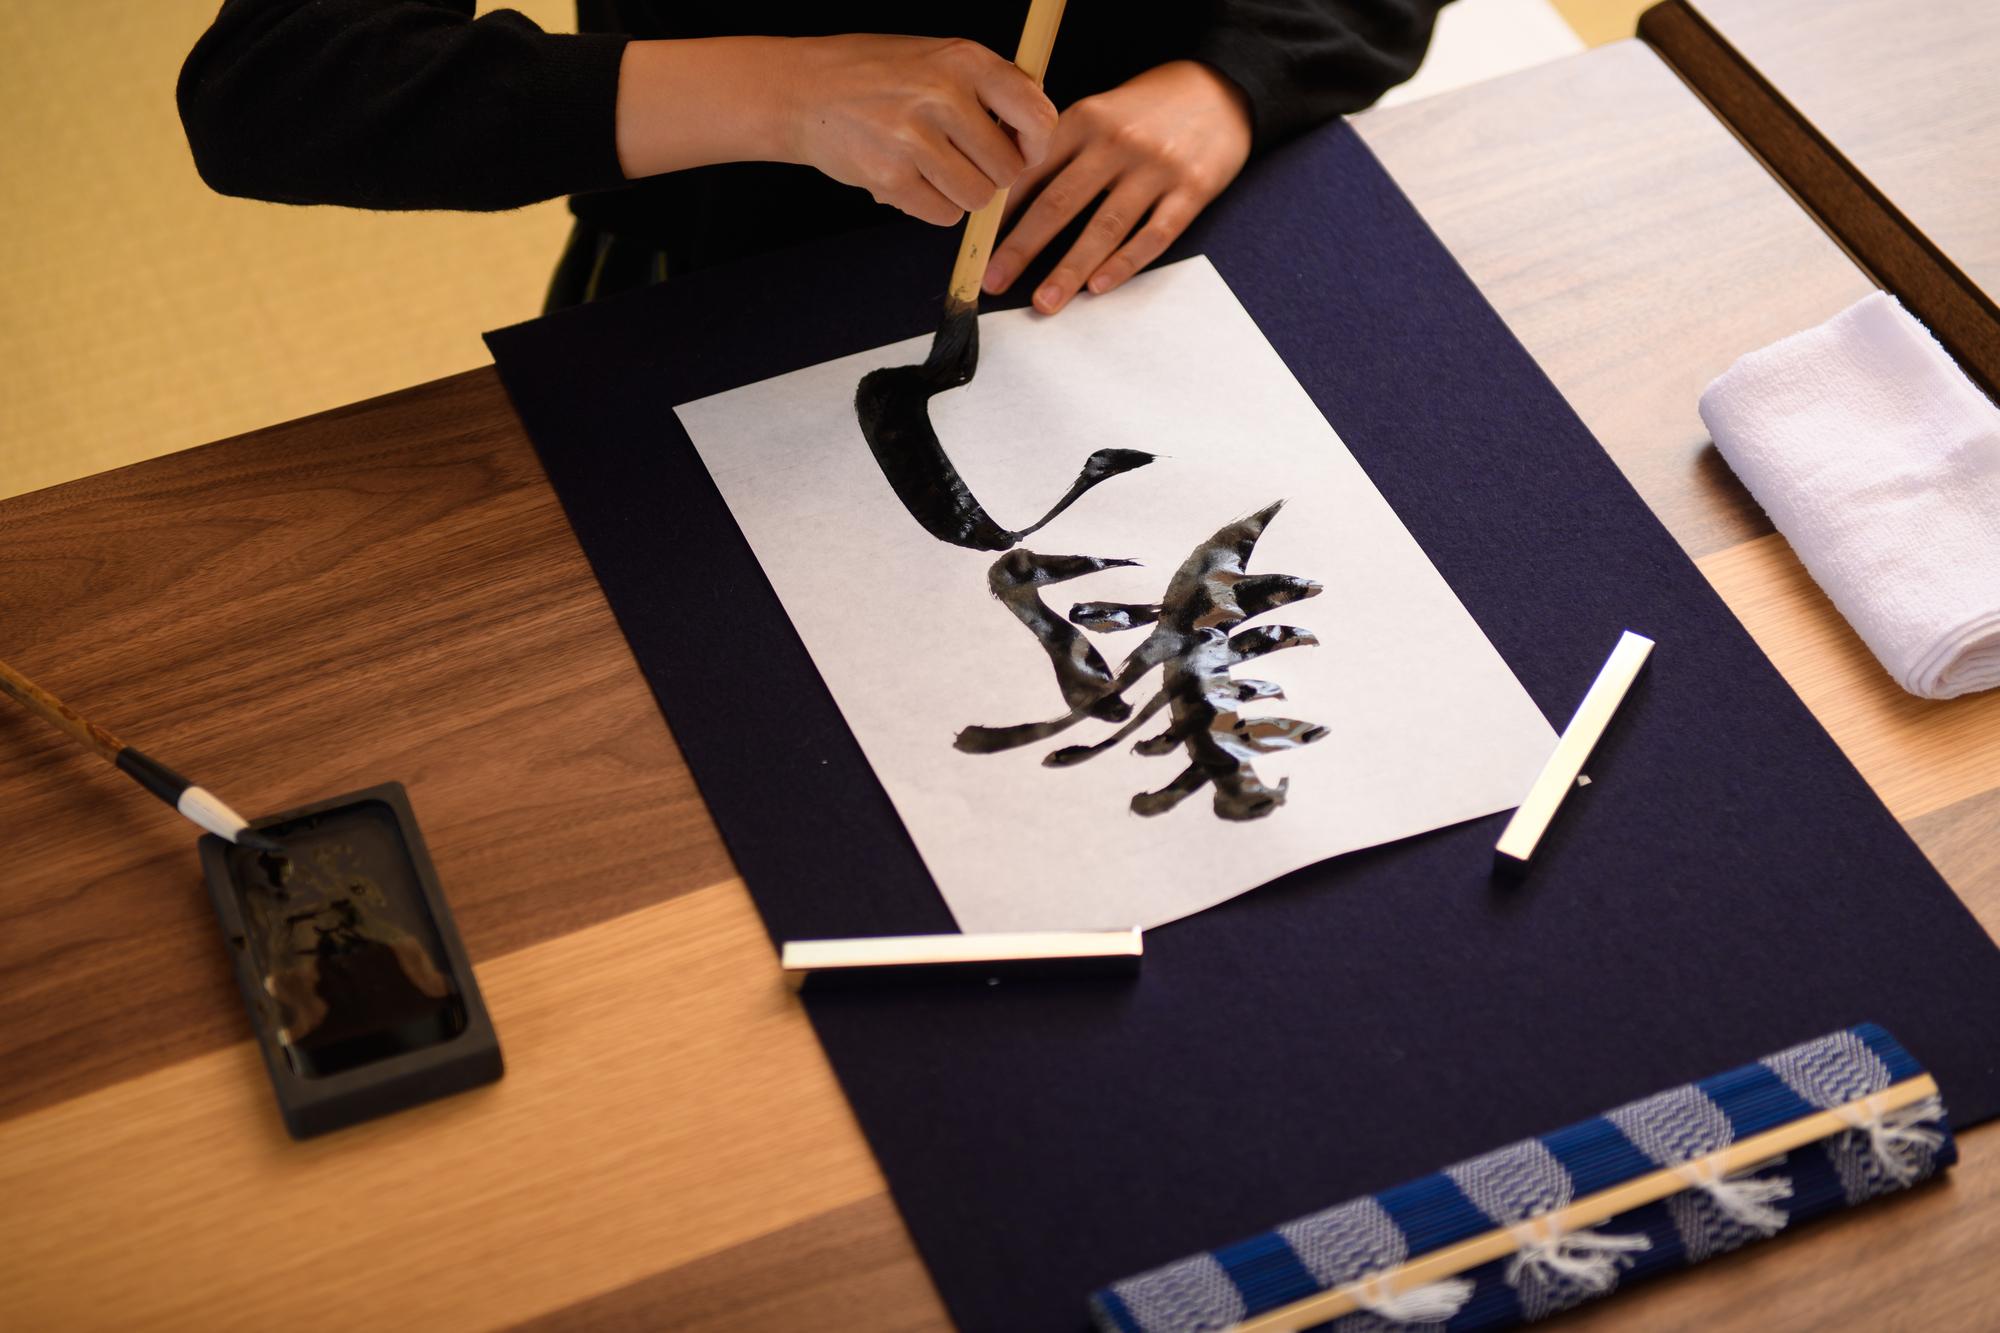 日本文化としての書道とは?基本所作と5つの書体 | にほんご日和